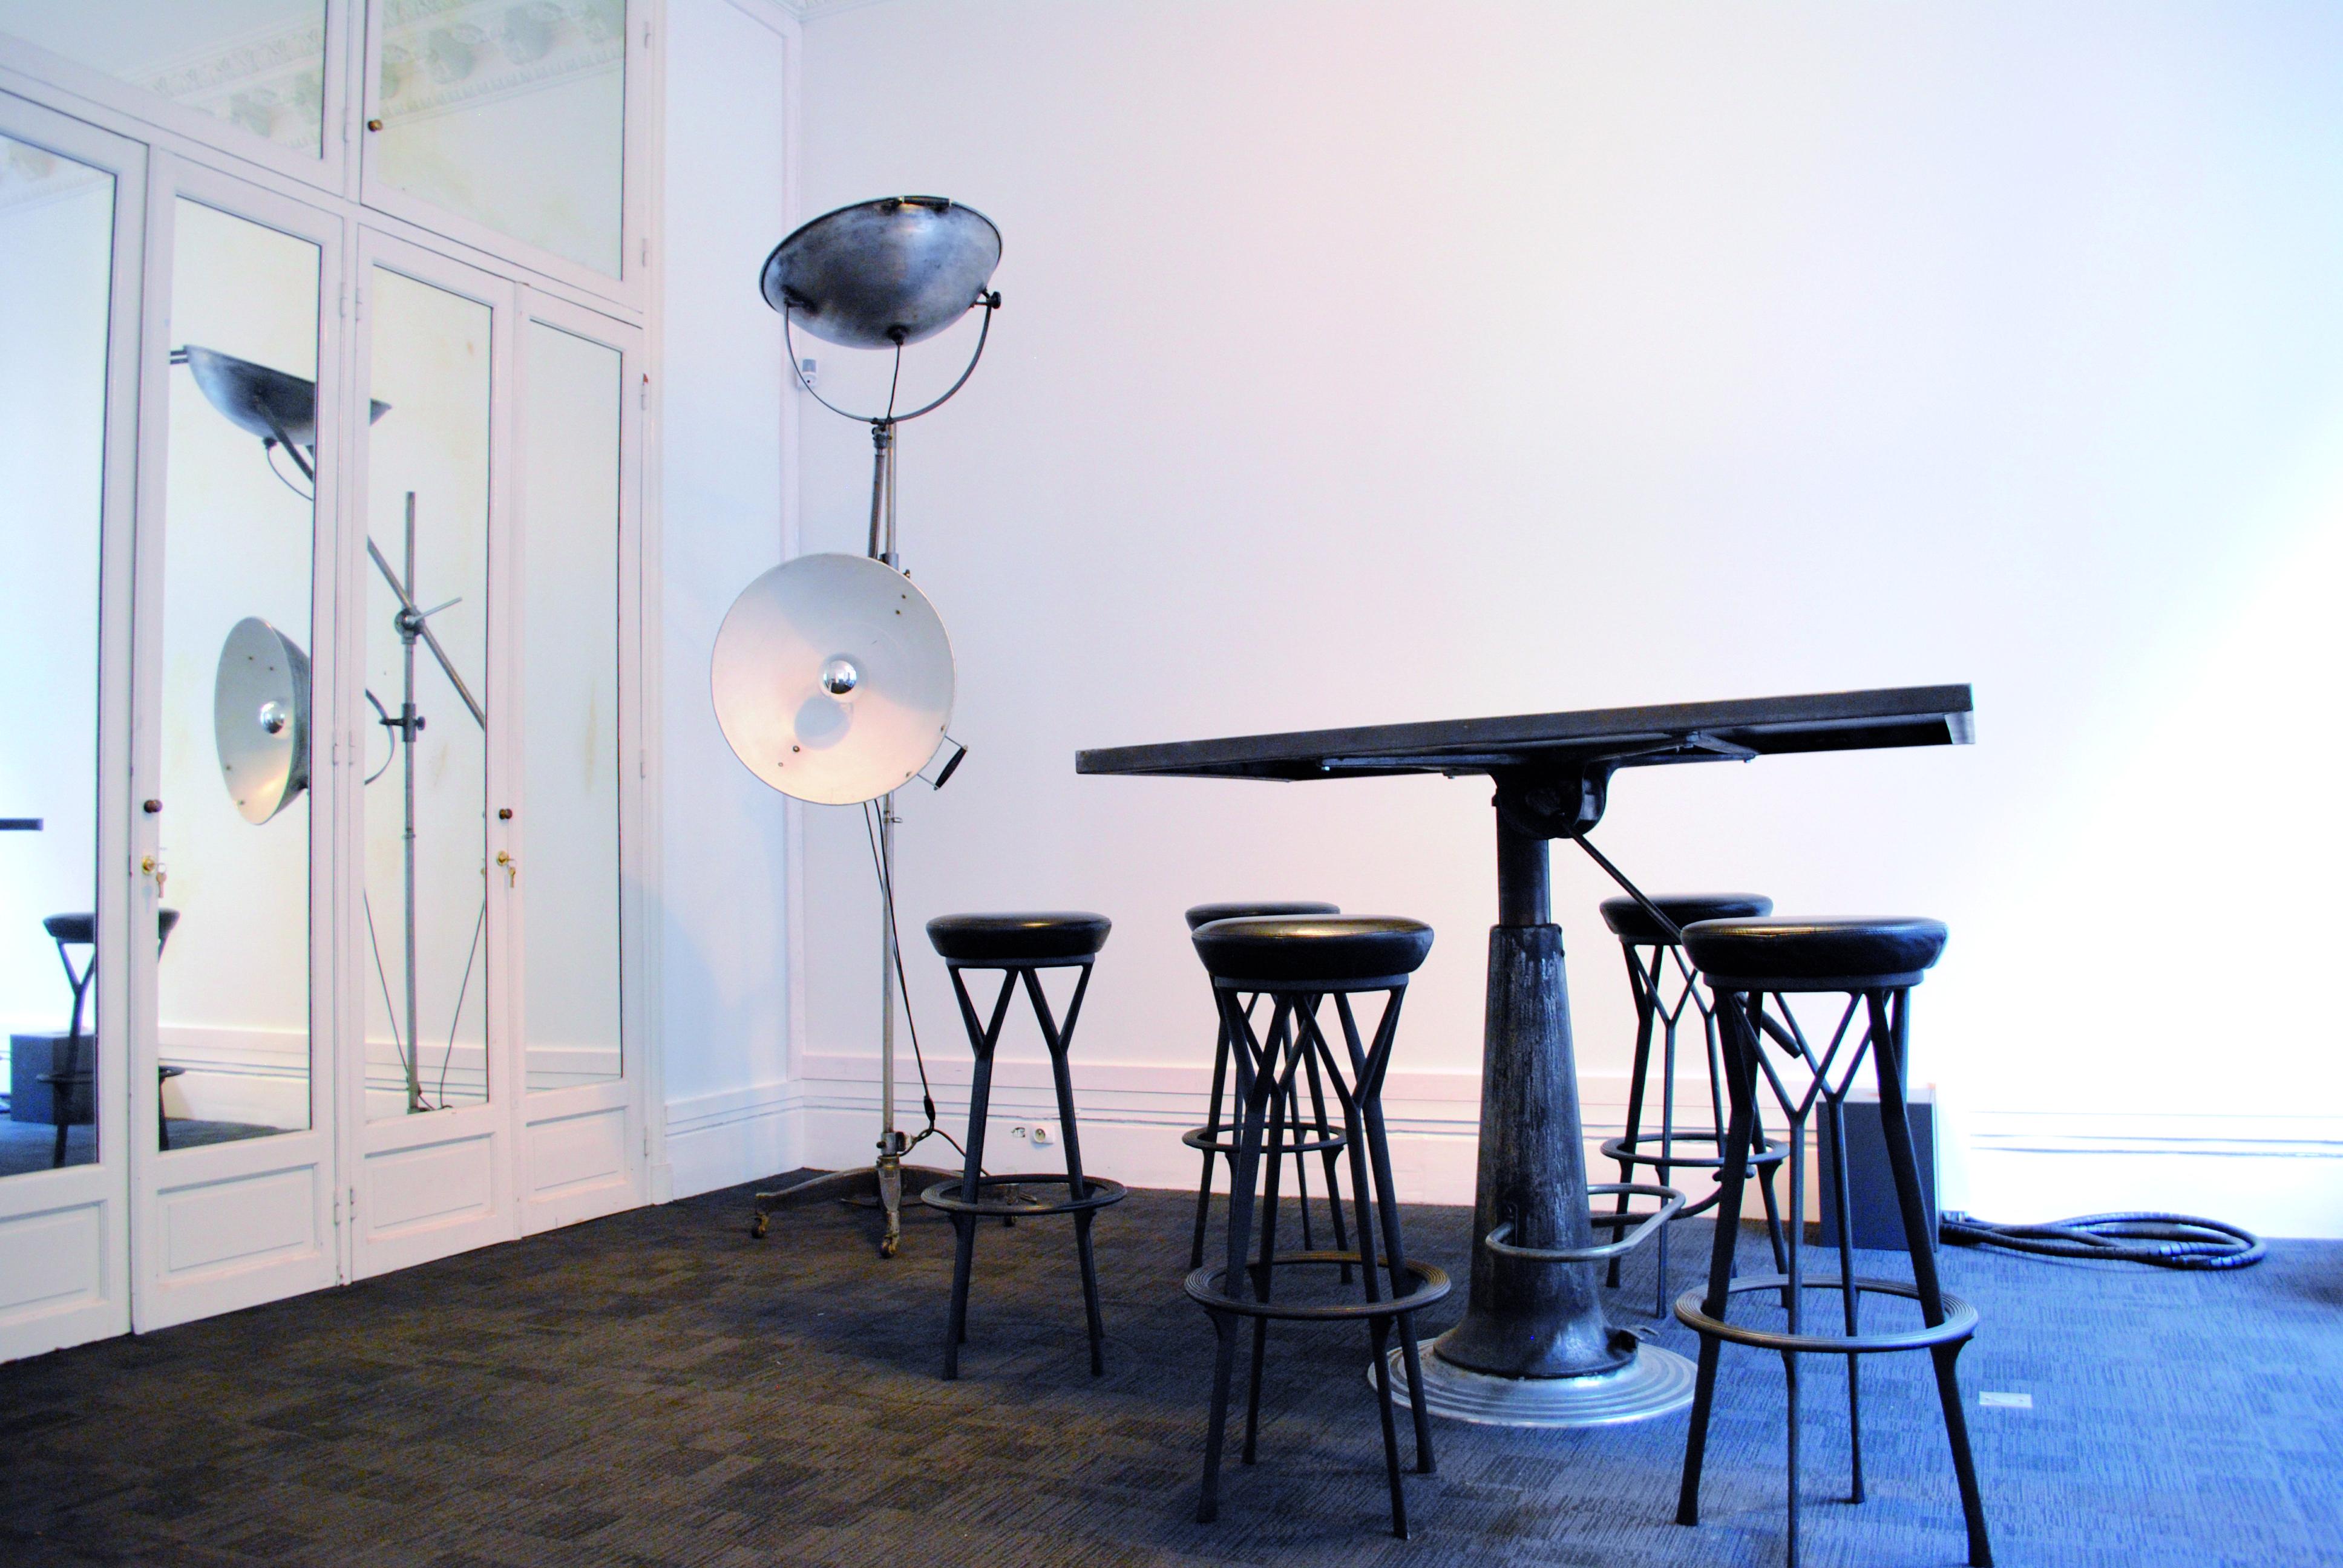 Atelier 154 by Aurélie Cenno photographer | Photographes | Pinterest ...